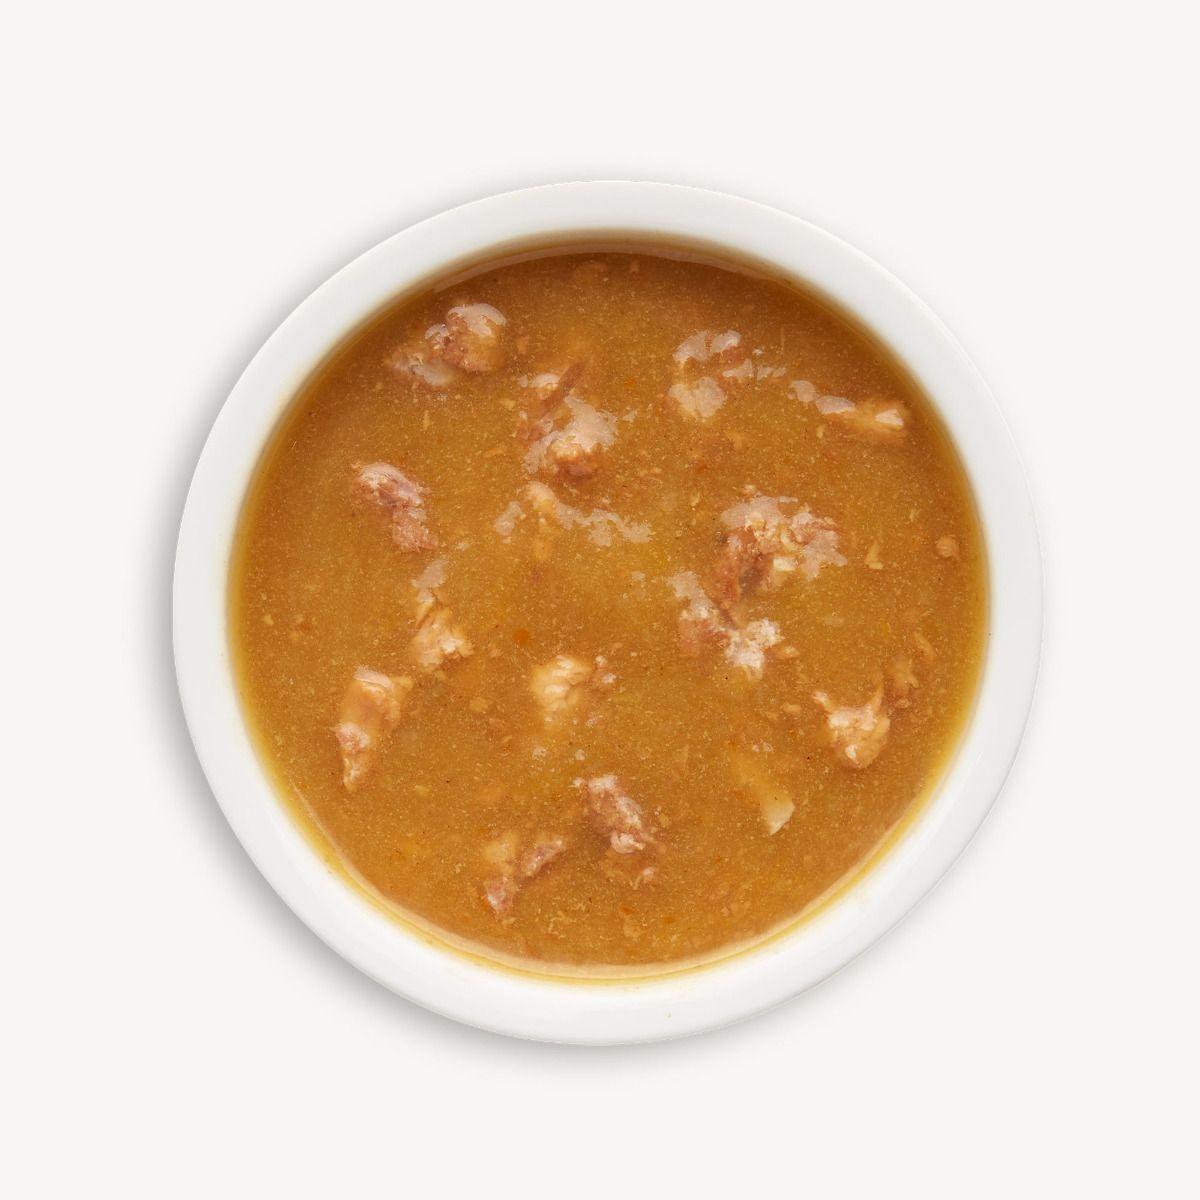 The Honest Kitchen Honest Kitchen Pumpkin Pour Overs Chicken & Pumpkin Stew 5.5oz Carton